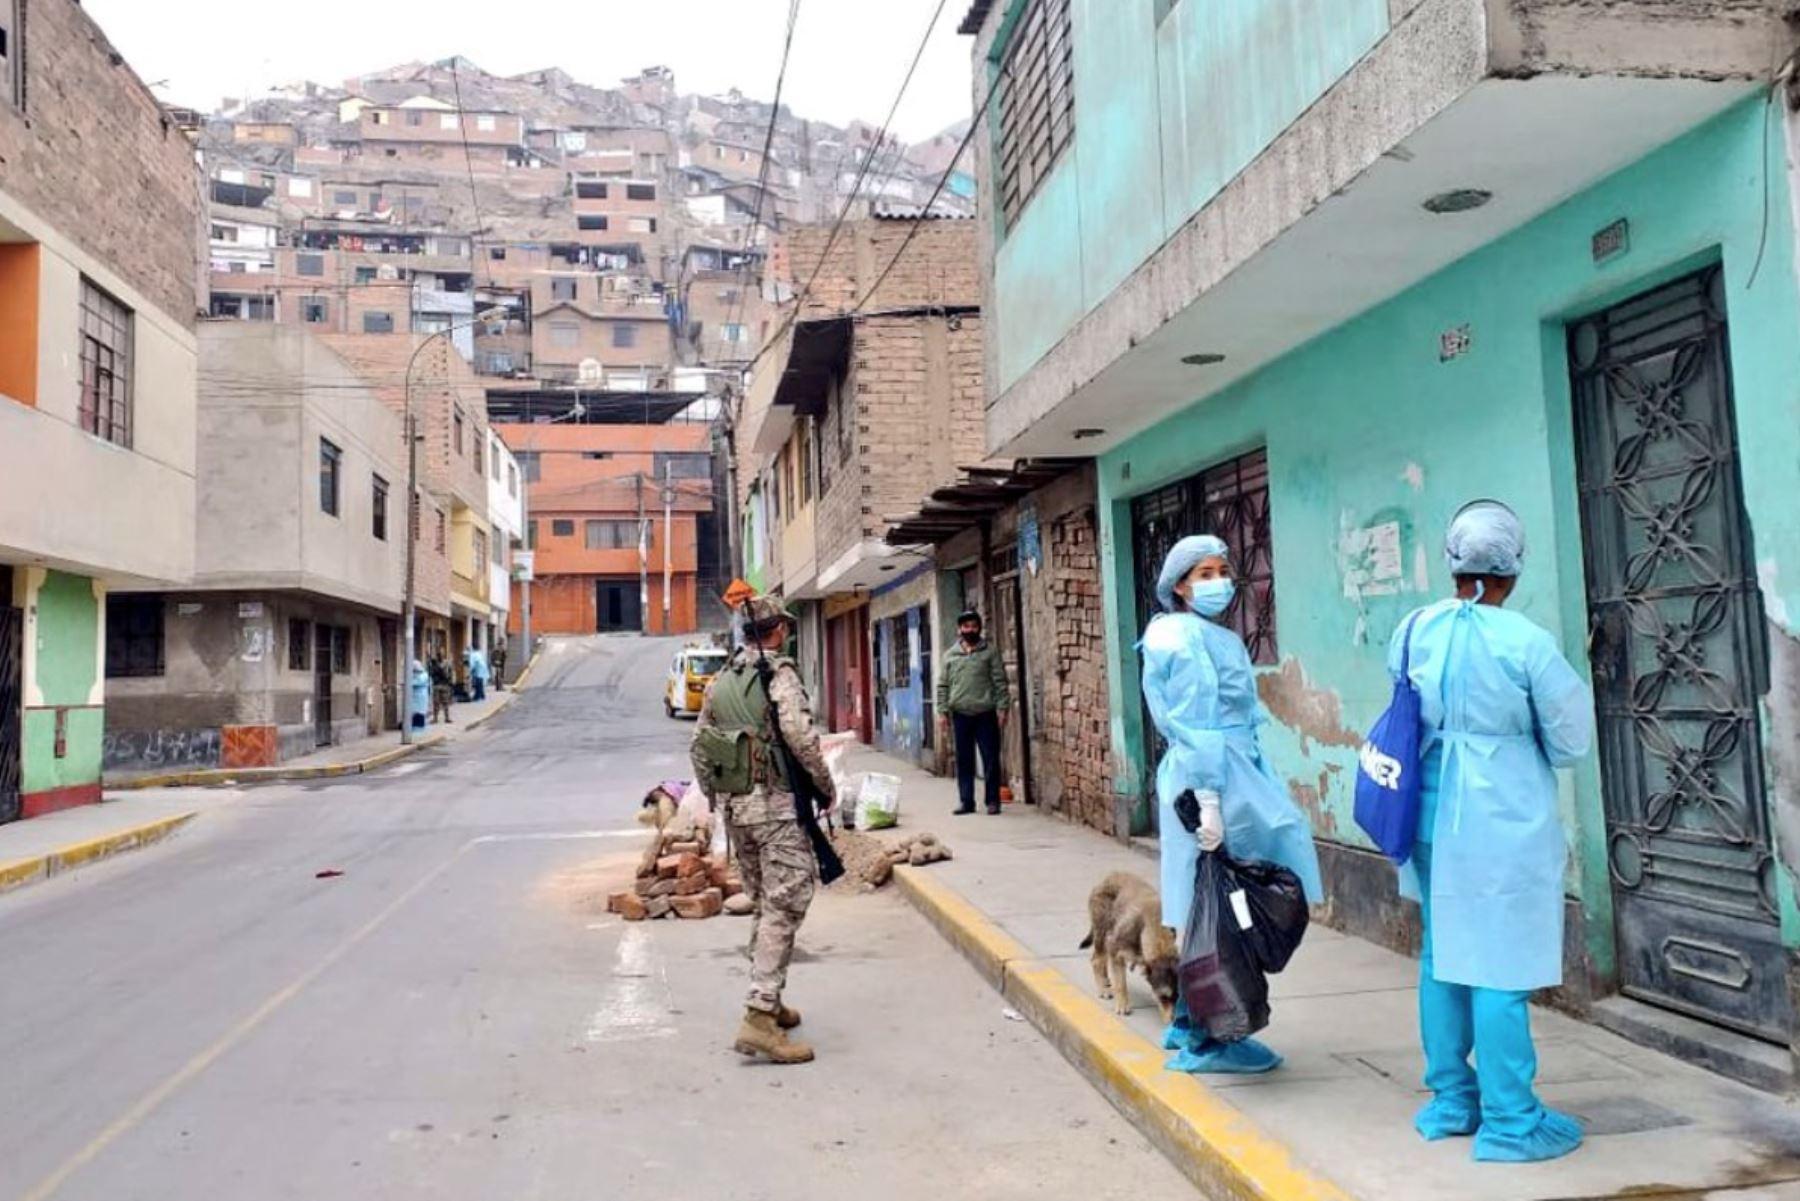 Operación Tayta llegó a El Agustino para brindar descarte y evaluación de Covid-19 a personas vulnerables. Foto: ANDINA/Minsa